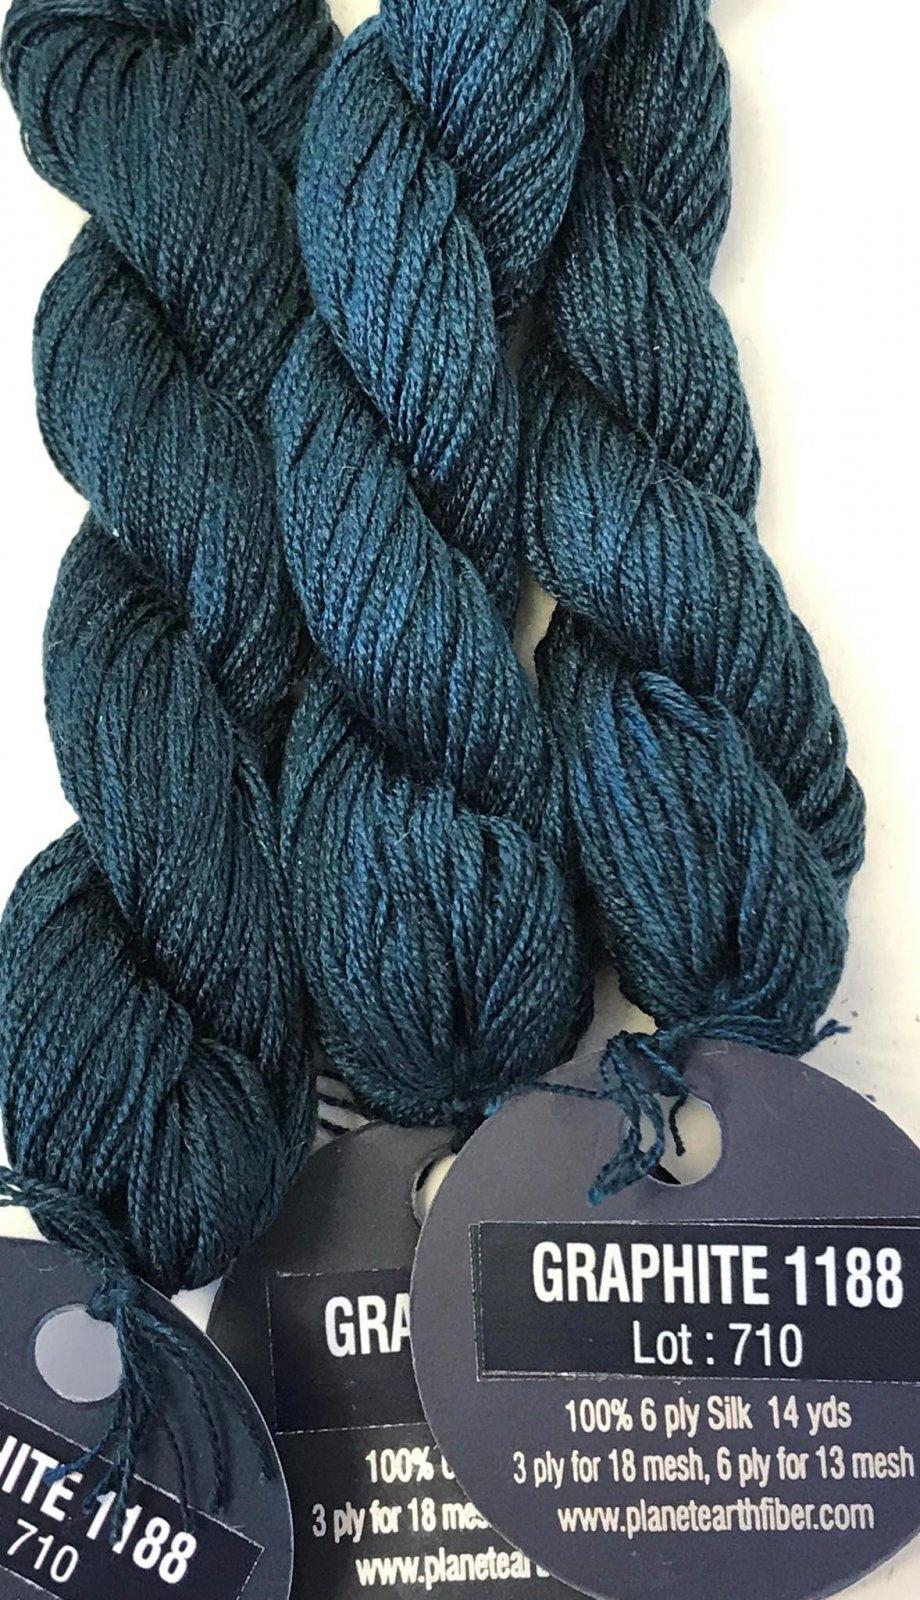 PE6-GRAPHITE-1188